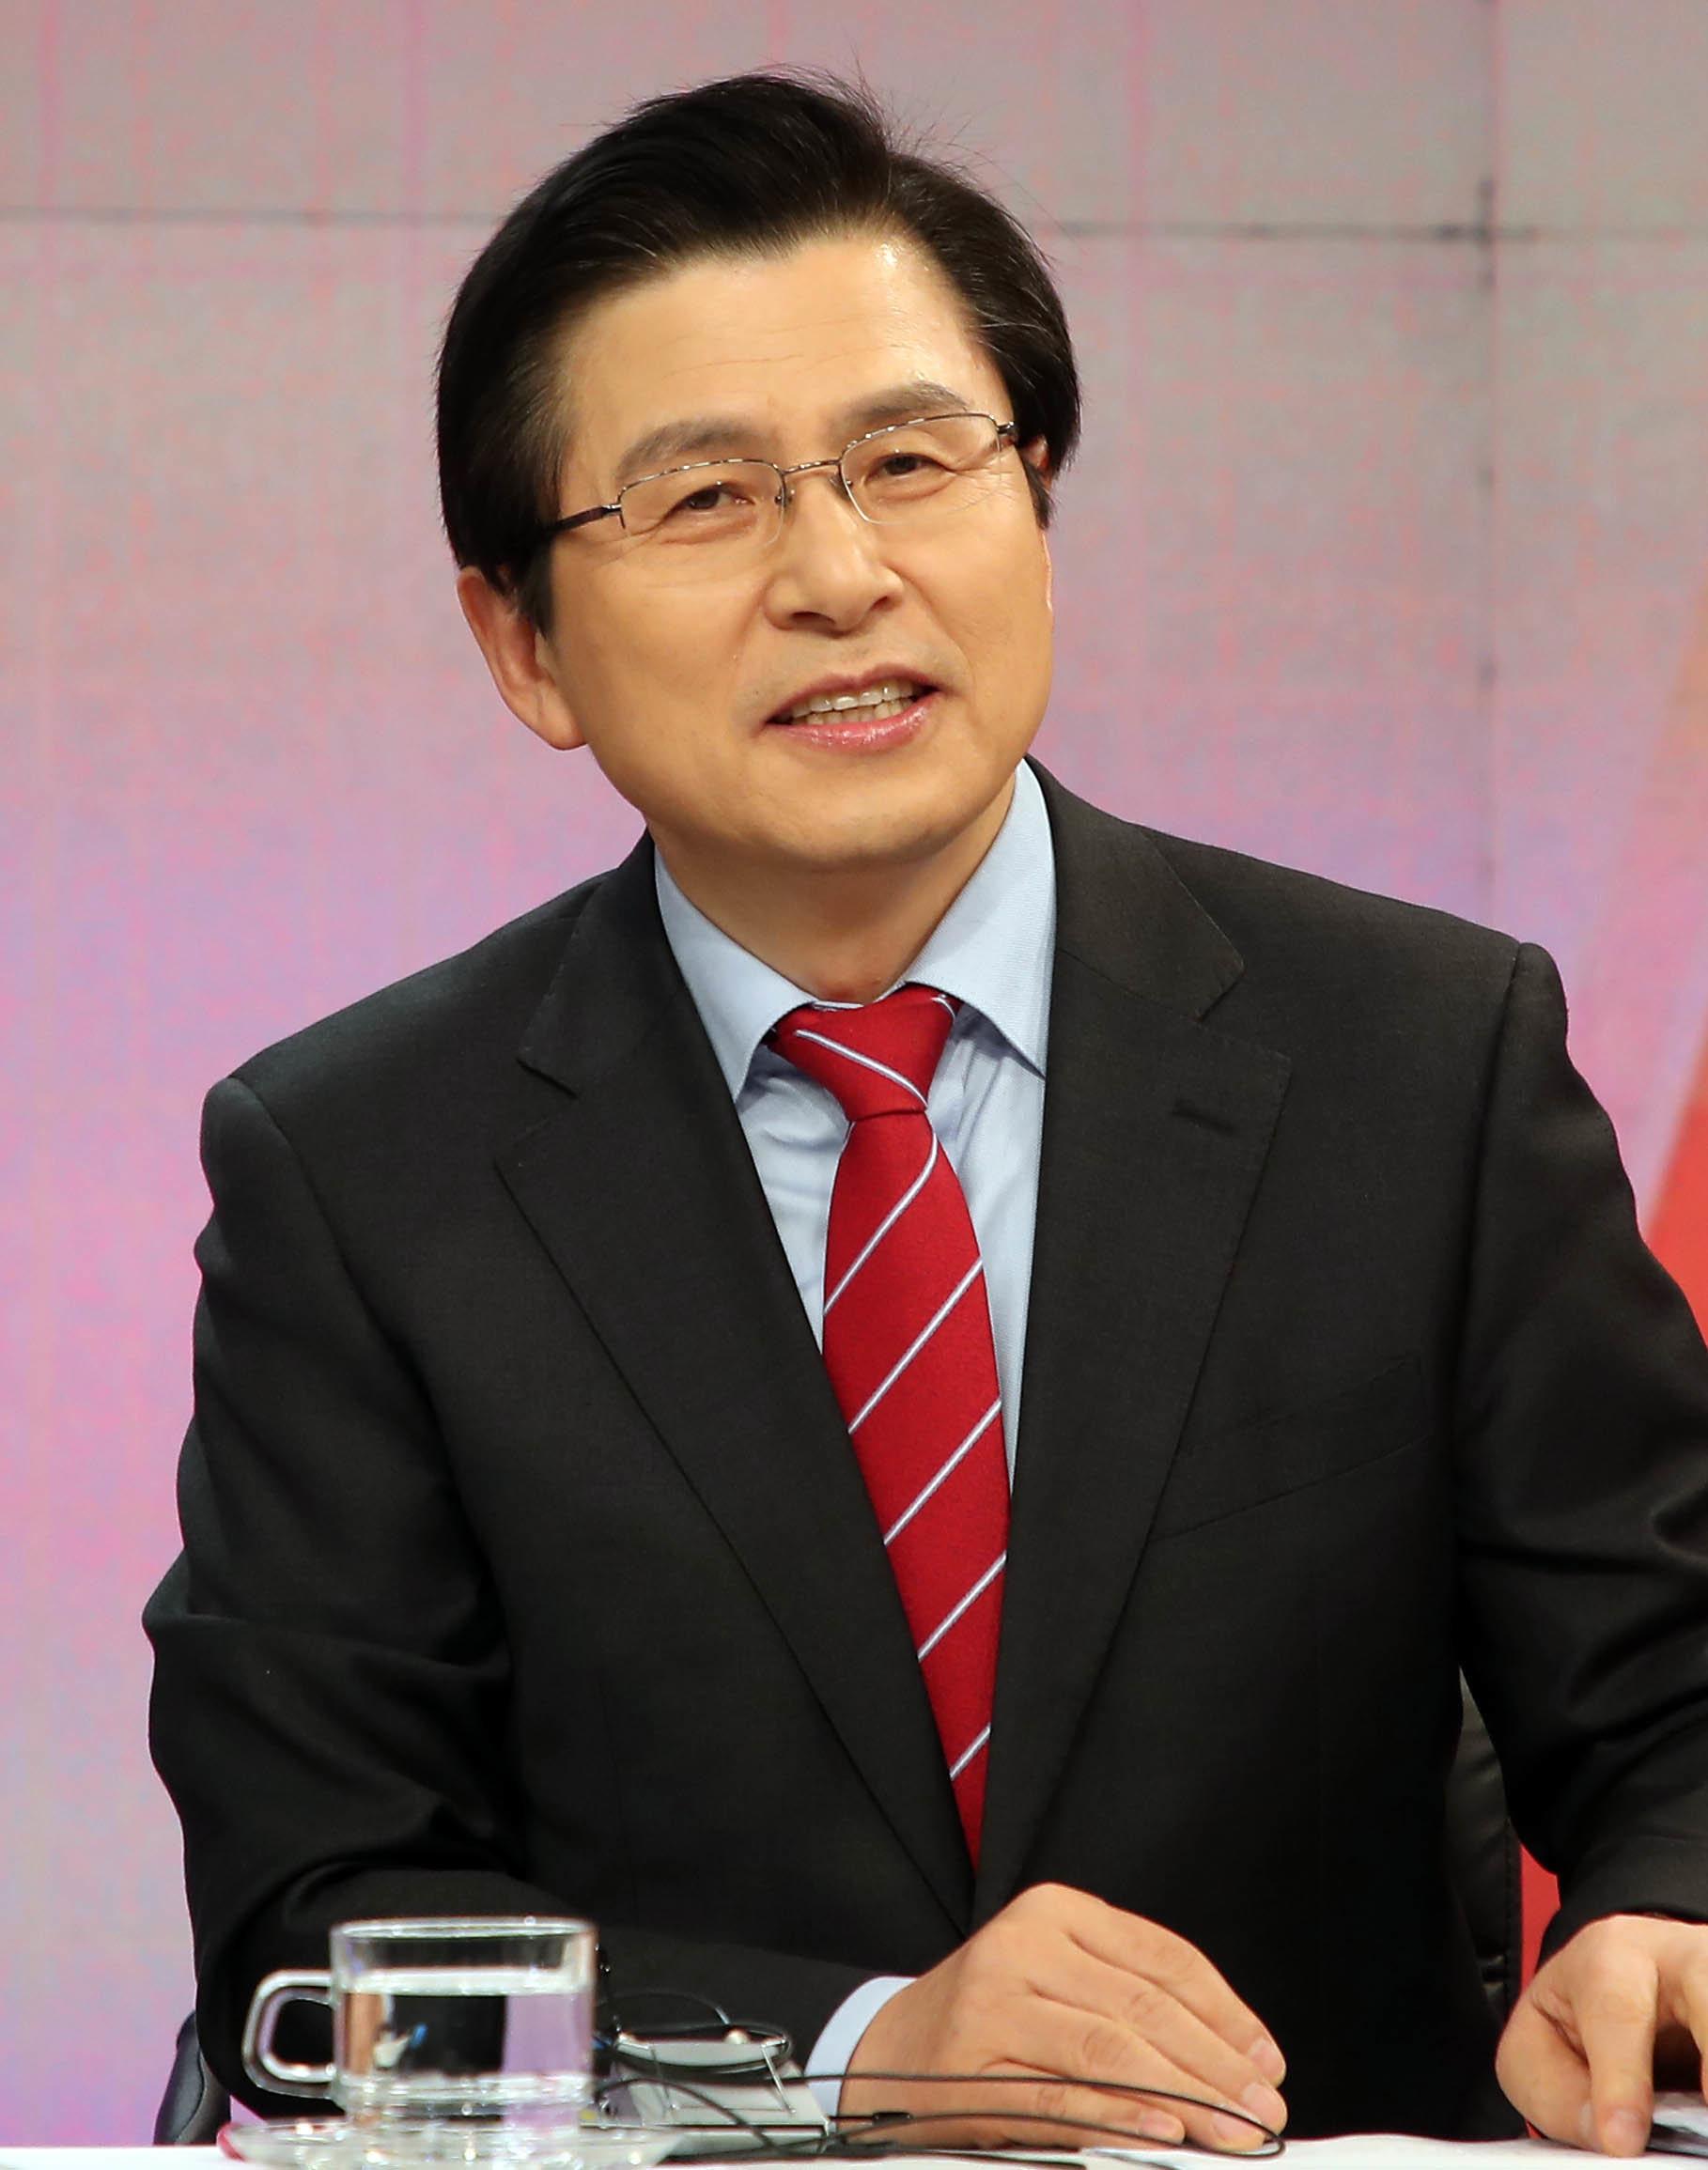 '박근혜 탄핵'에 대한 황교안의 오락가락 답변은 오늘도 이어졌다